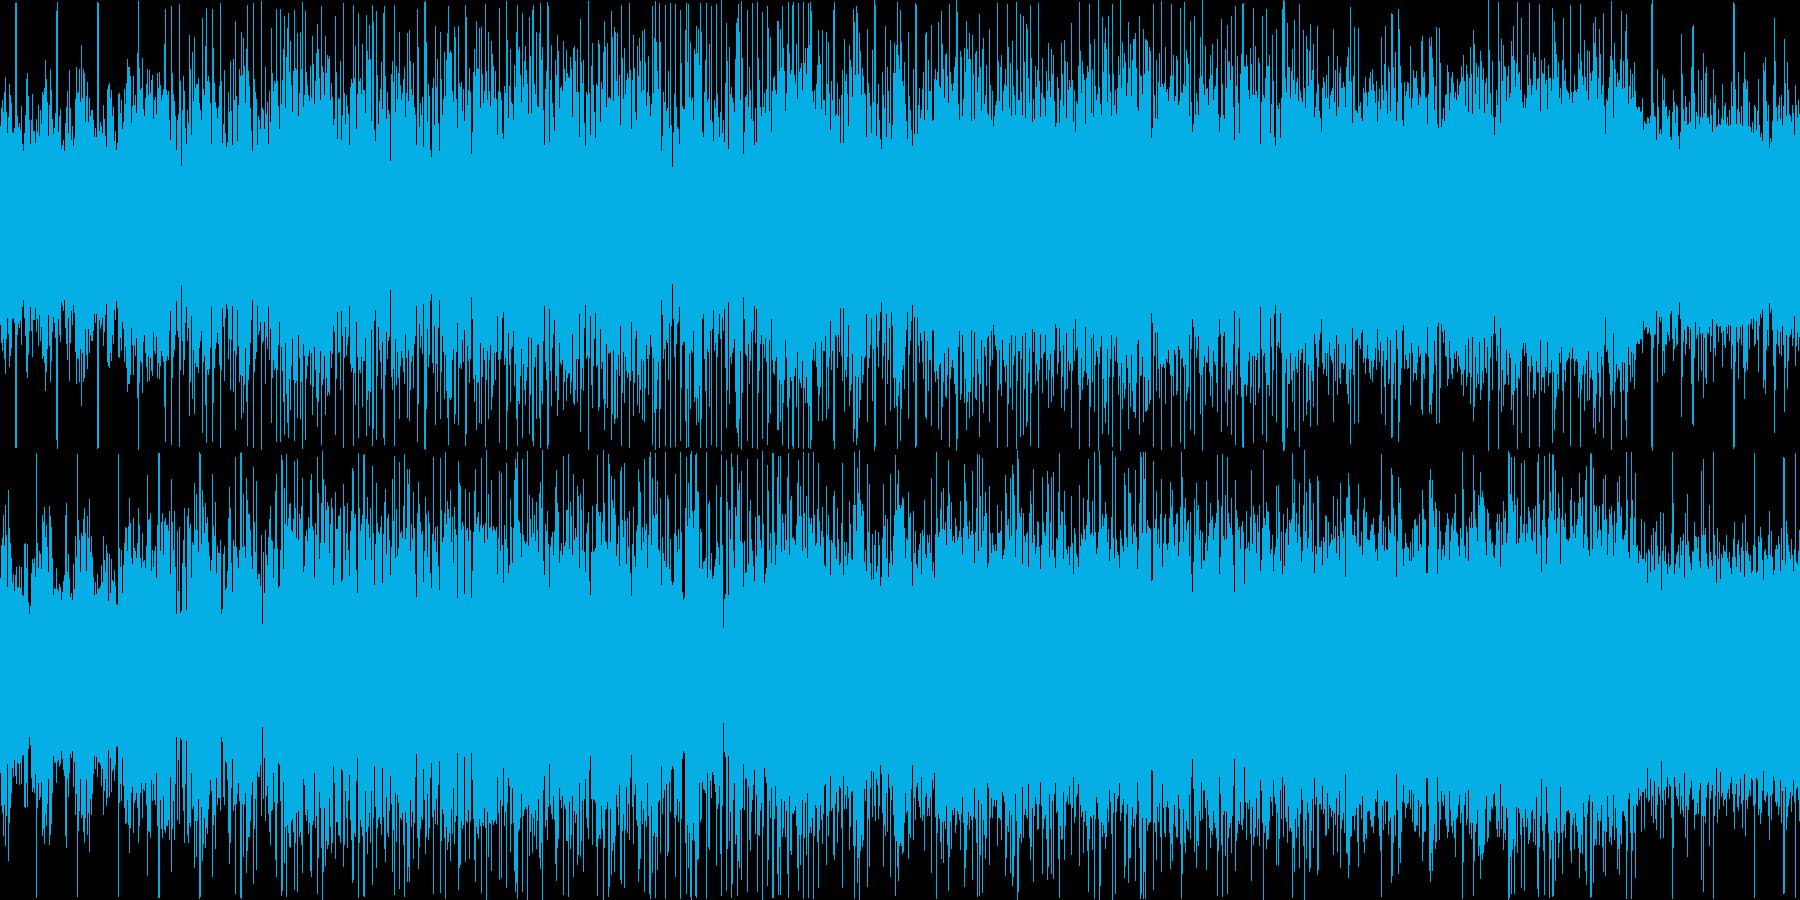 ファンタジーRPGなどのBGMに適した…の再生済みの波形